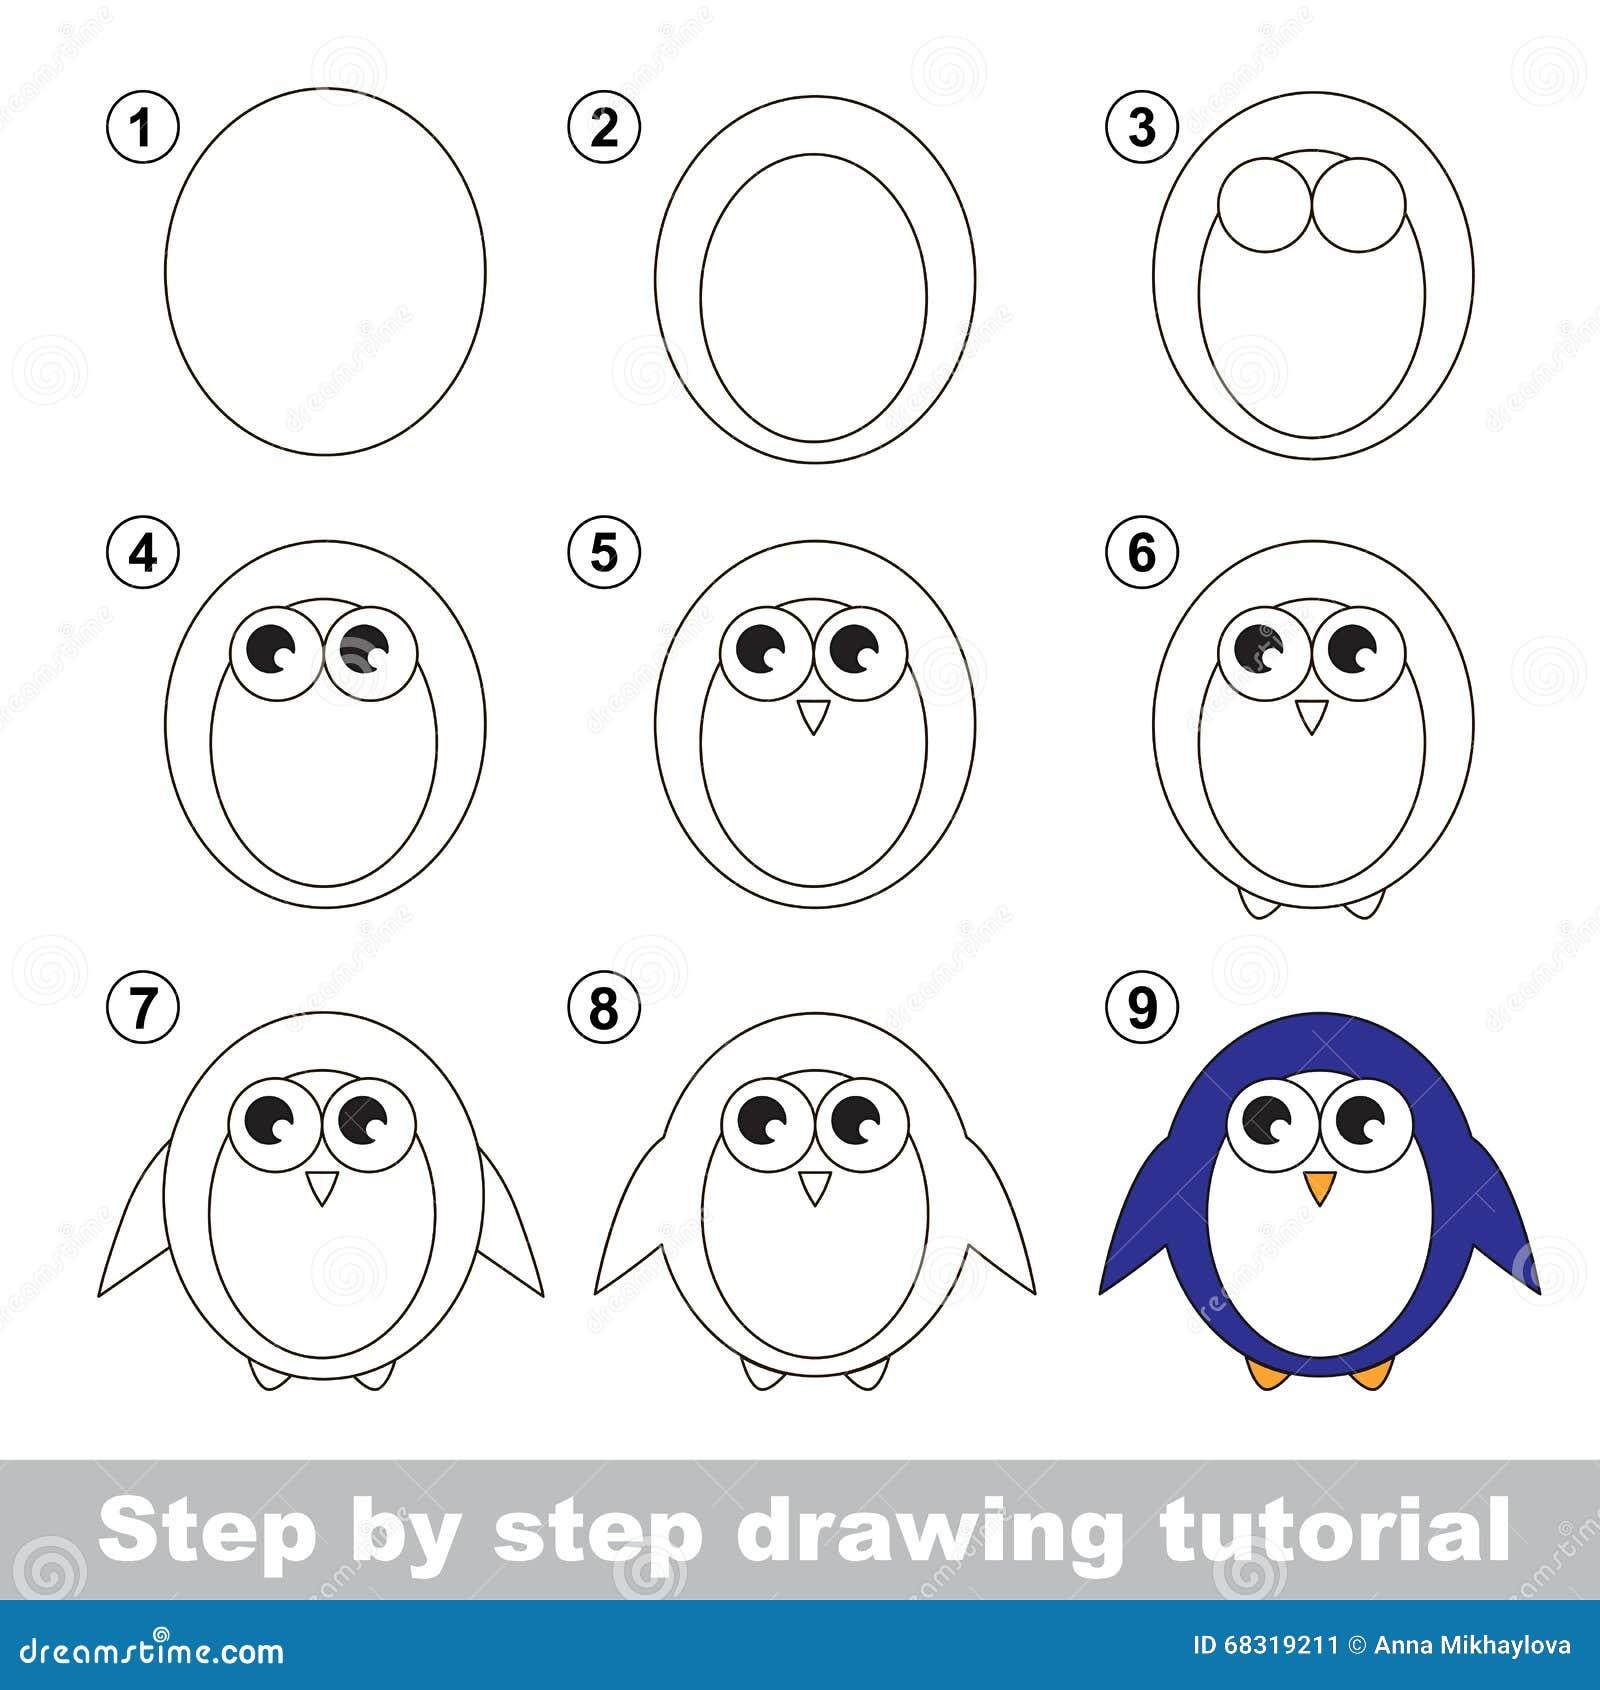 Disegnare un gufo mw19 regardsdefemmes - Come disegnare un cartone animato di gufo ...